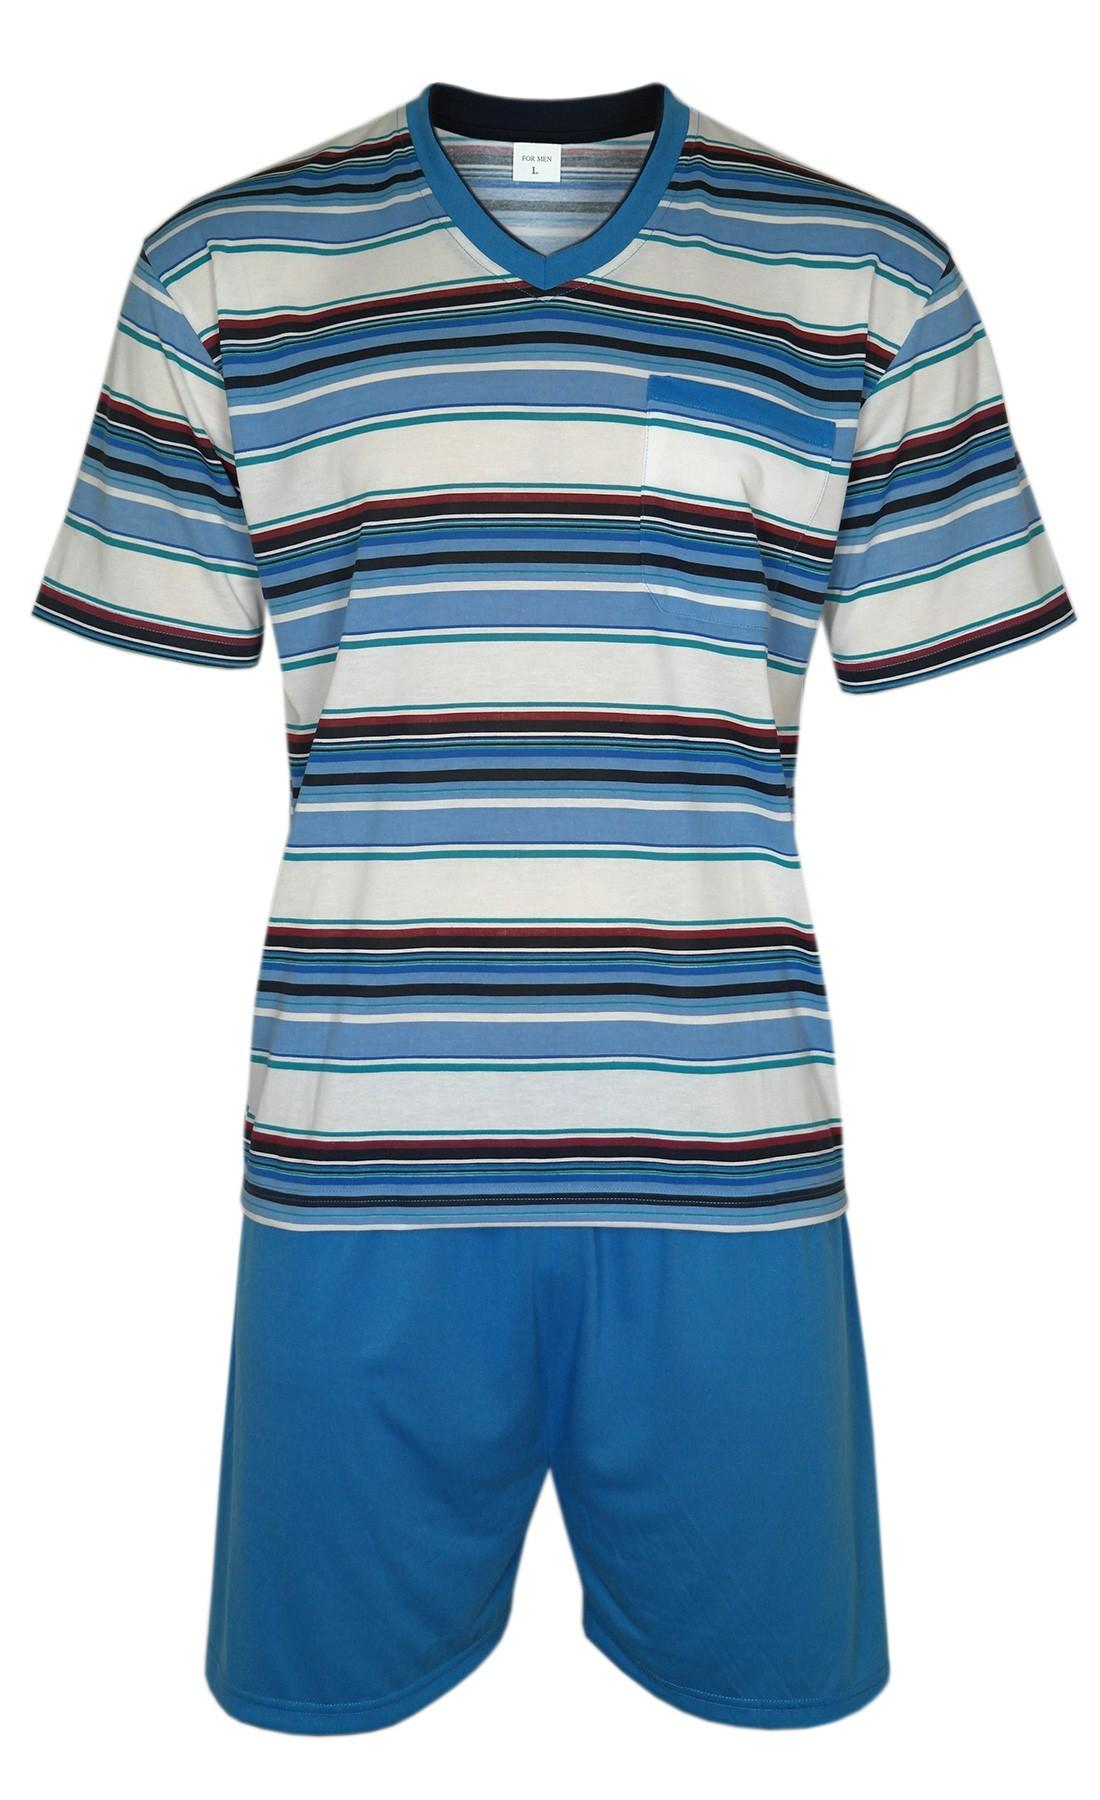 urzer Herren Pyjama/Schlafanzug im Ringellook - Blau